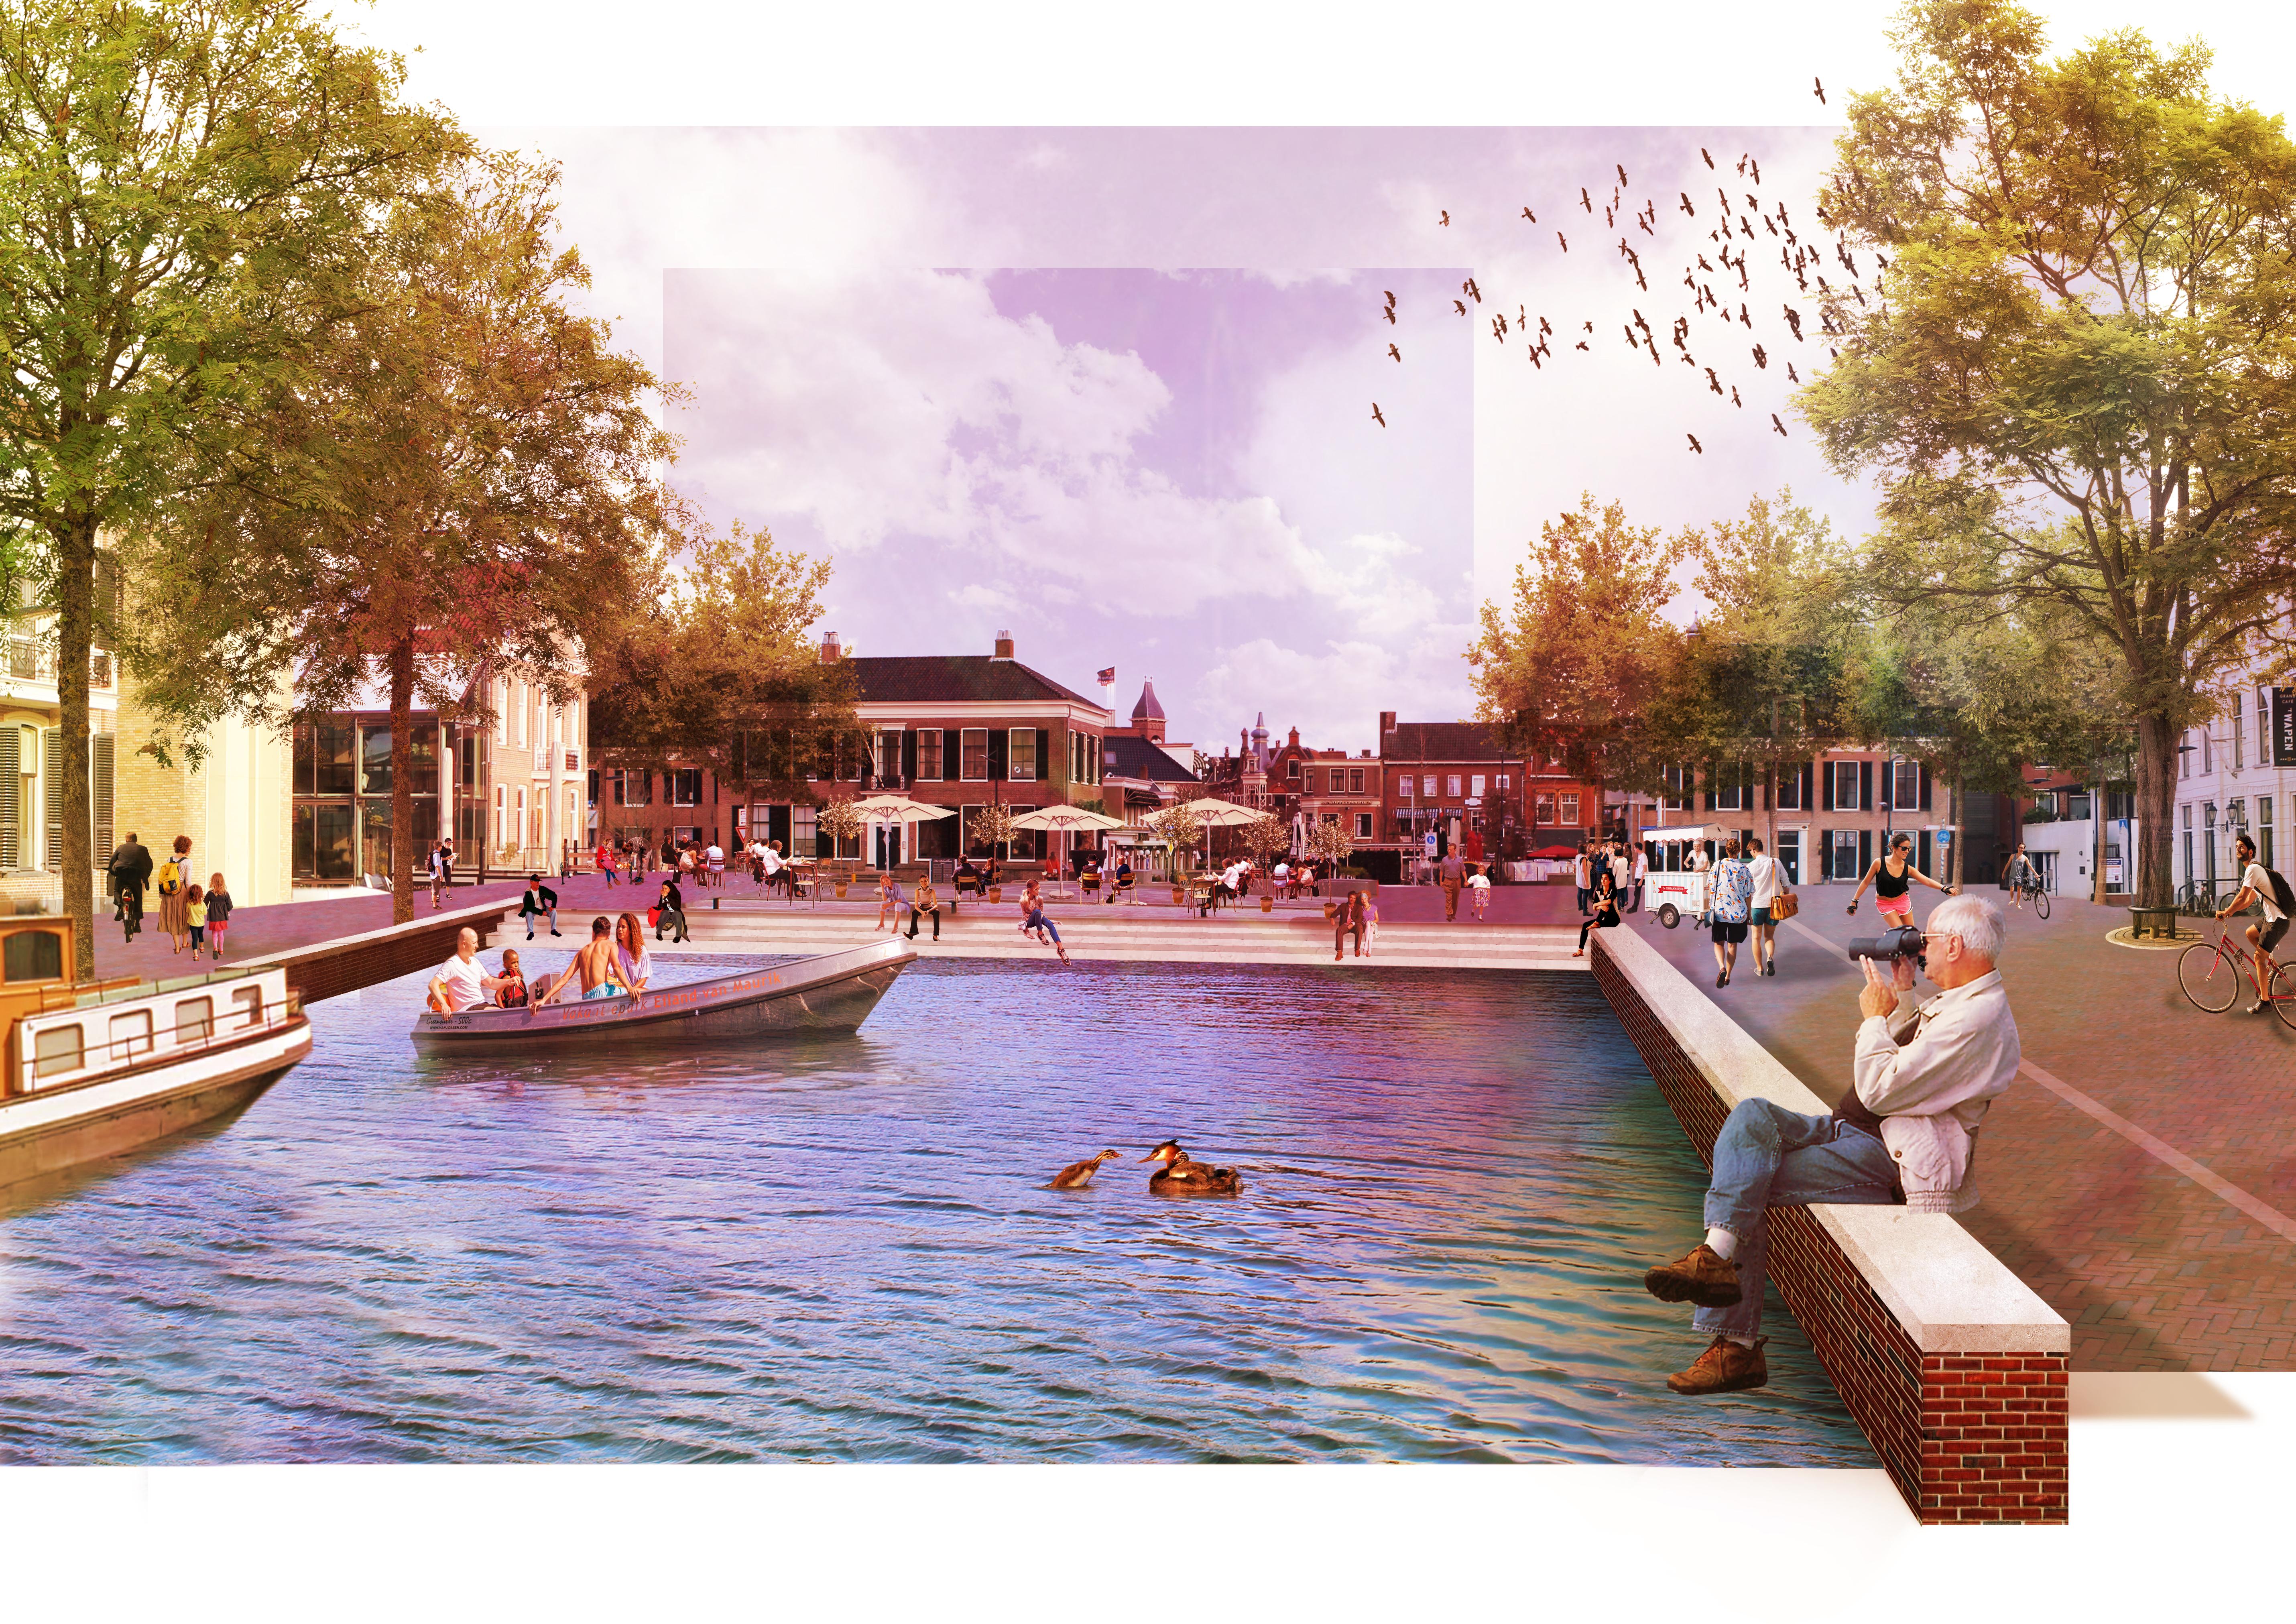 Visie Binnenstad mikt op groei van kwaliteit in binnenstad en bouw woningen